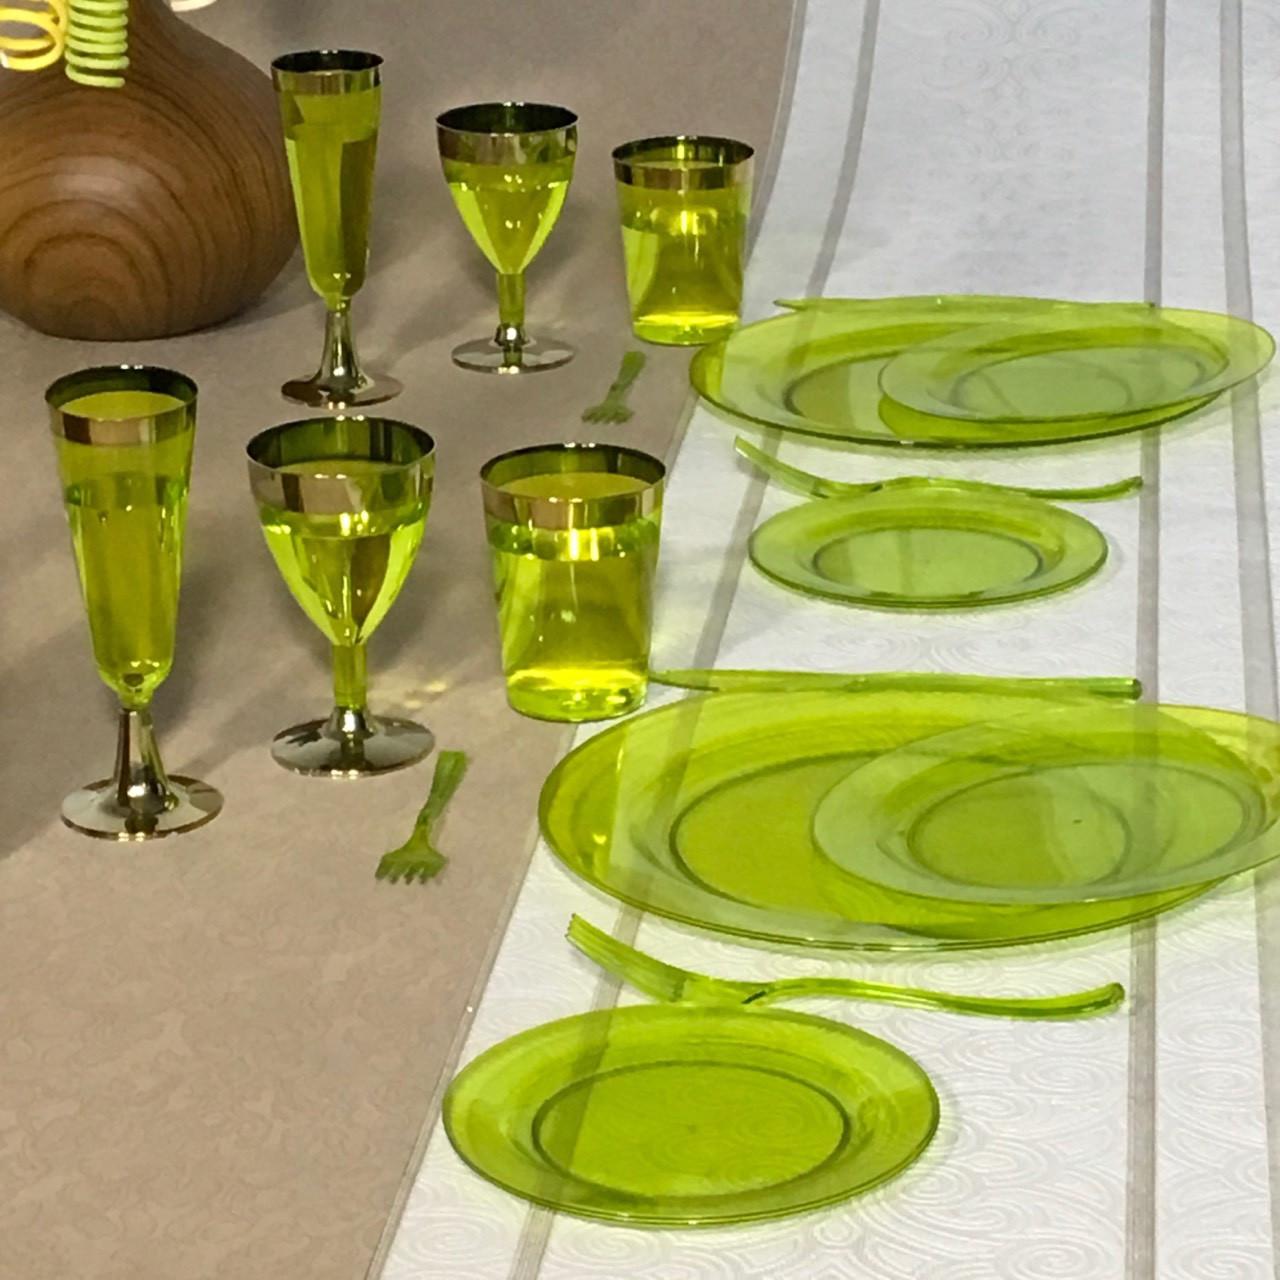 Стаканы пластиковые одноразовые для виски кристально-прозрачные для пикника, вечеринк цветные CFP 6 шт  220 мл